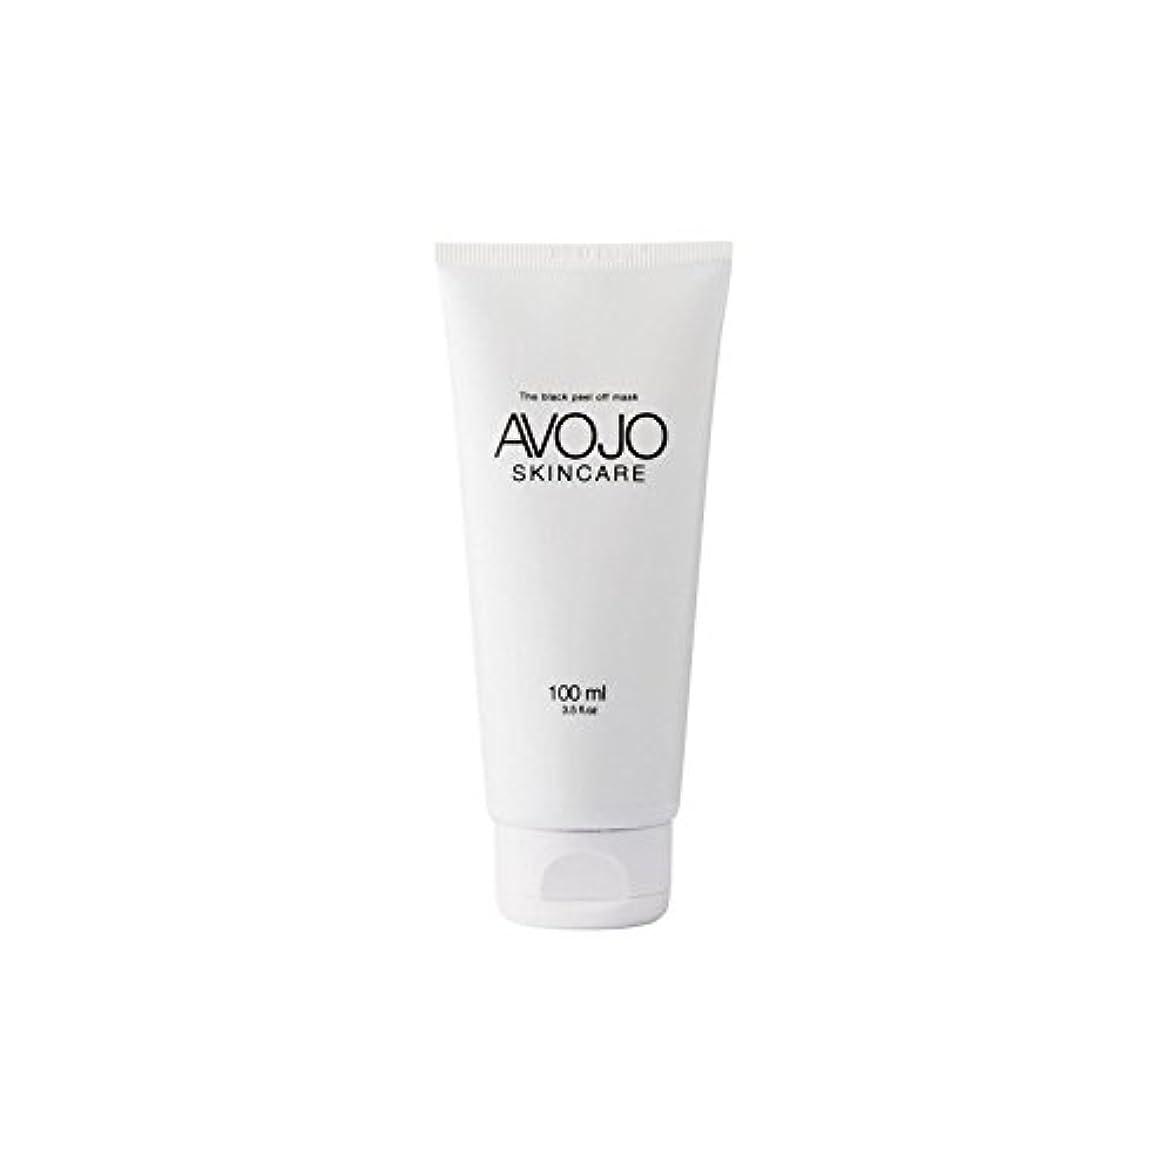 クーポンそれぞれ雇うAvojo - The Black Peel Off Mask - (Bottle 100ml) - - 黒皮オフマスク - (ボトル100ミリリットル) [並行輸入品]